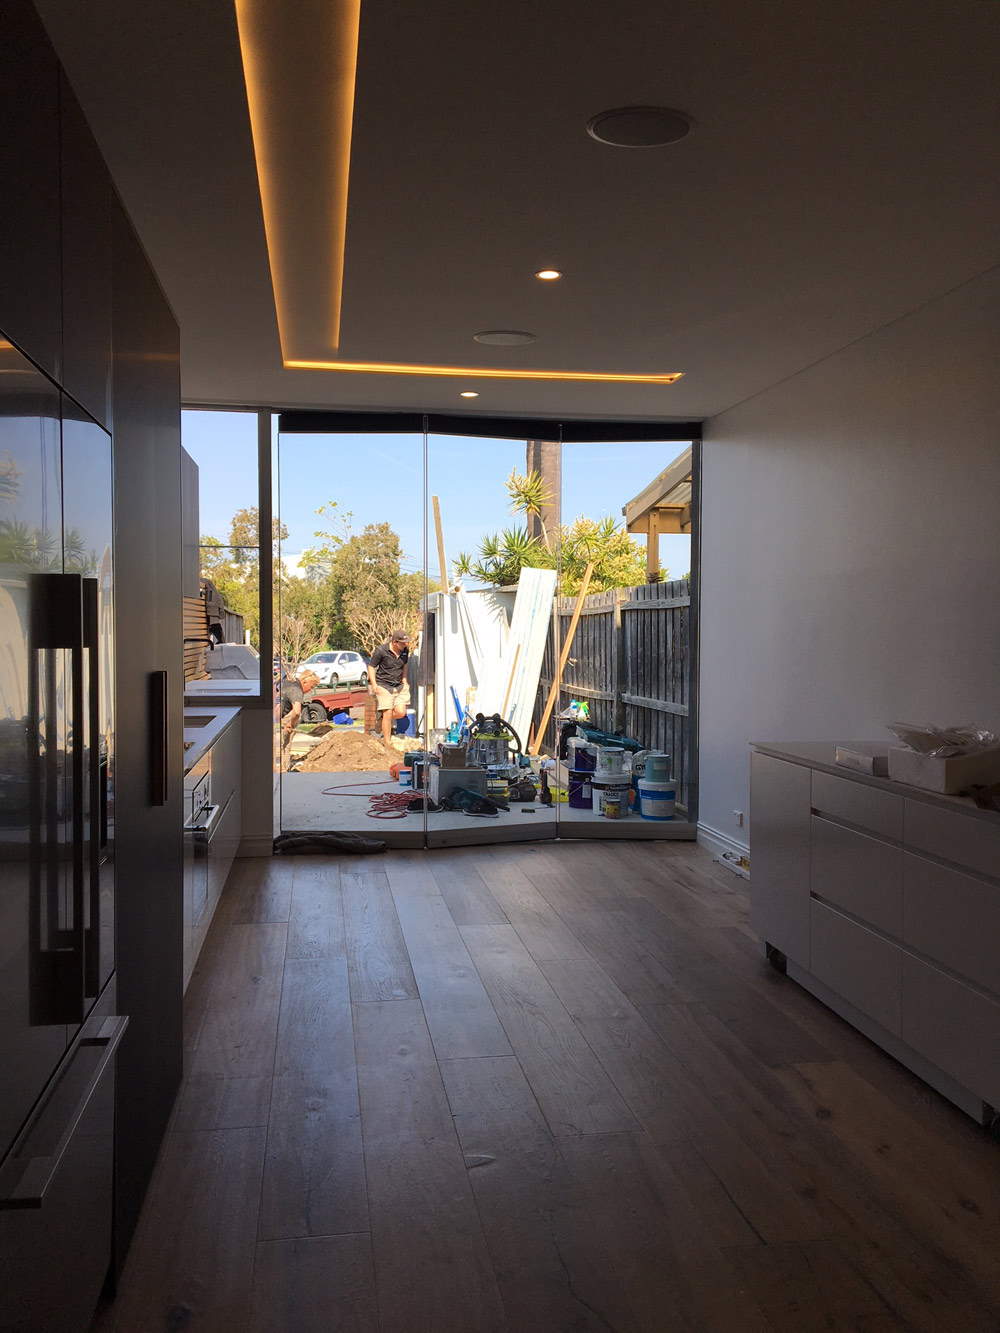 Lilyfield after-build clean interior